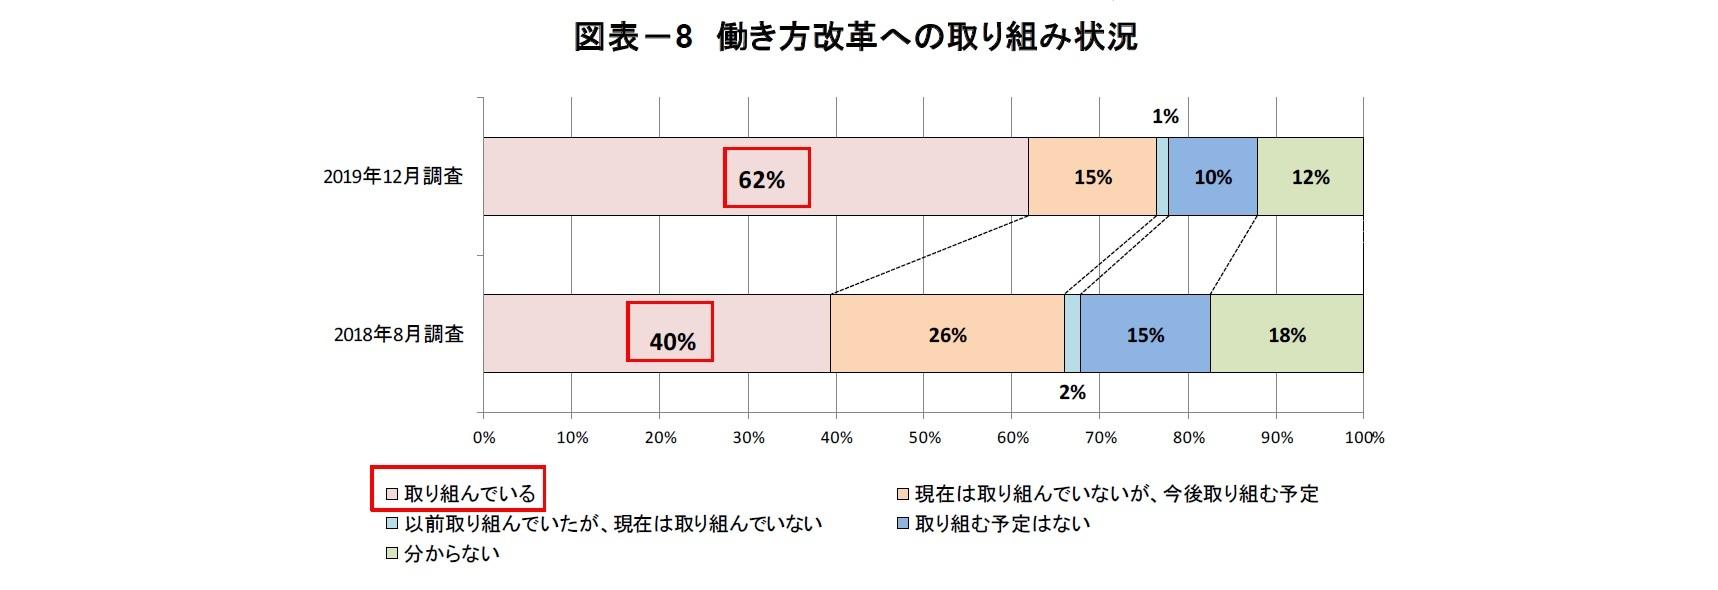 図表-8 働き方改革への取り組み状況